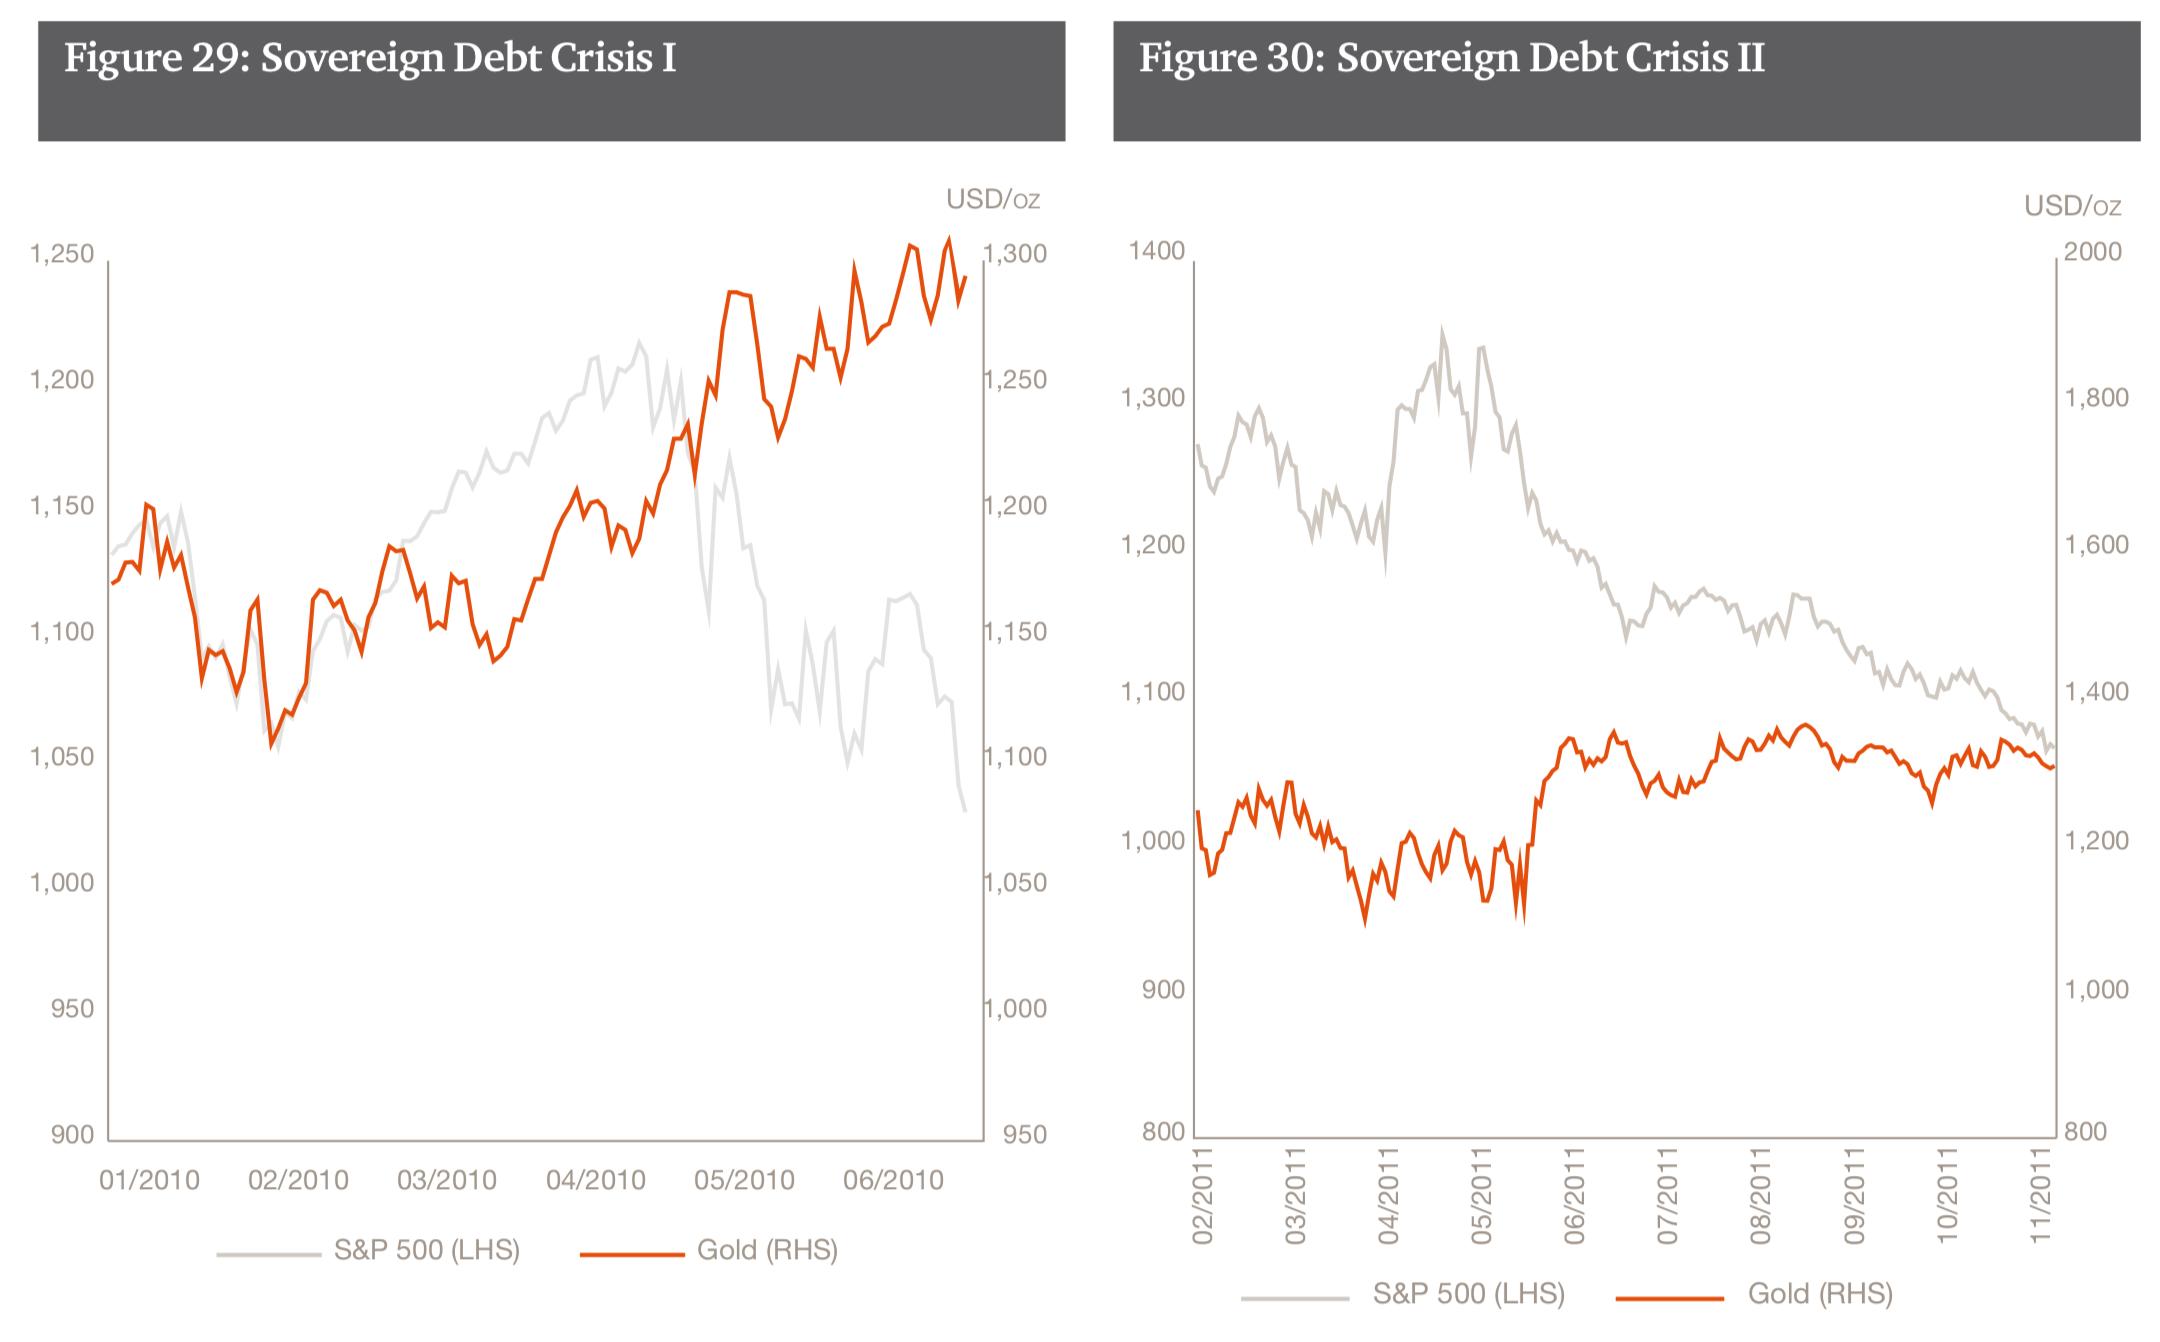 Sovereign Debt Crisis, Jan 2010 - Nov 2011